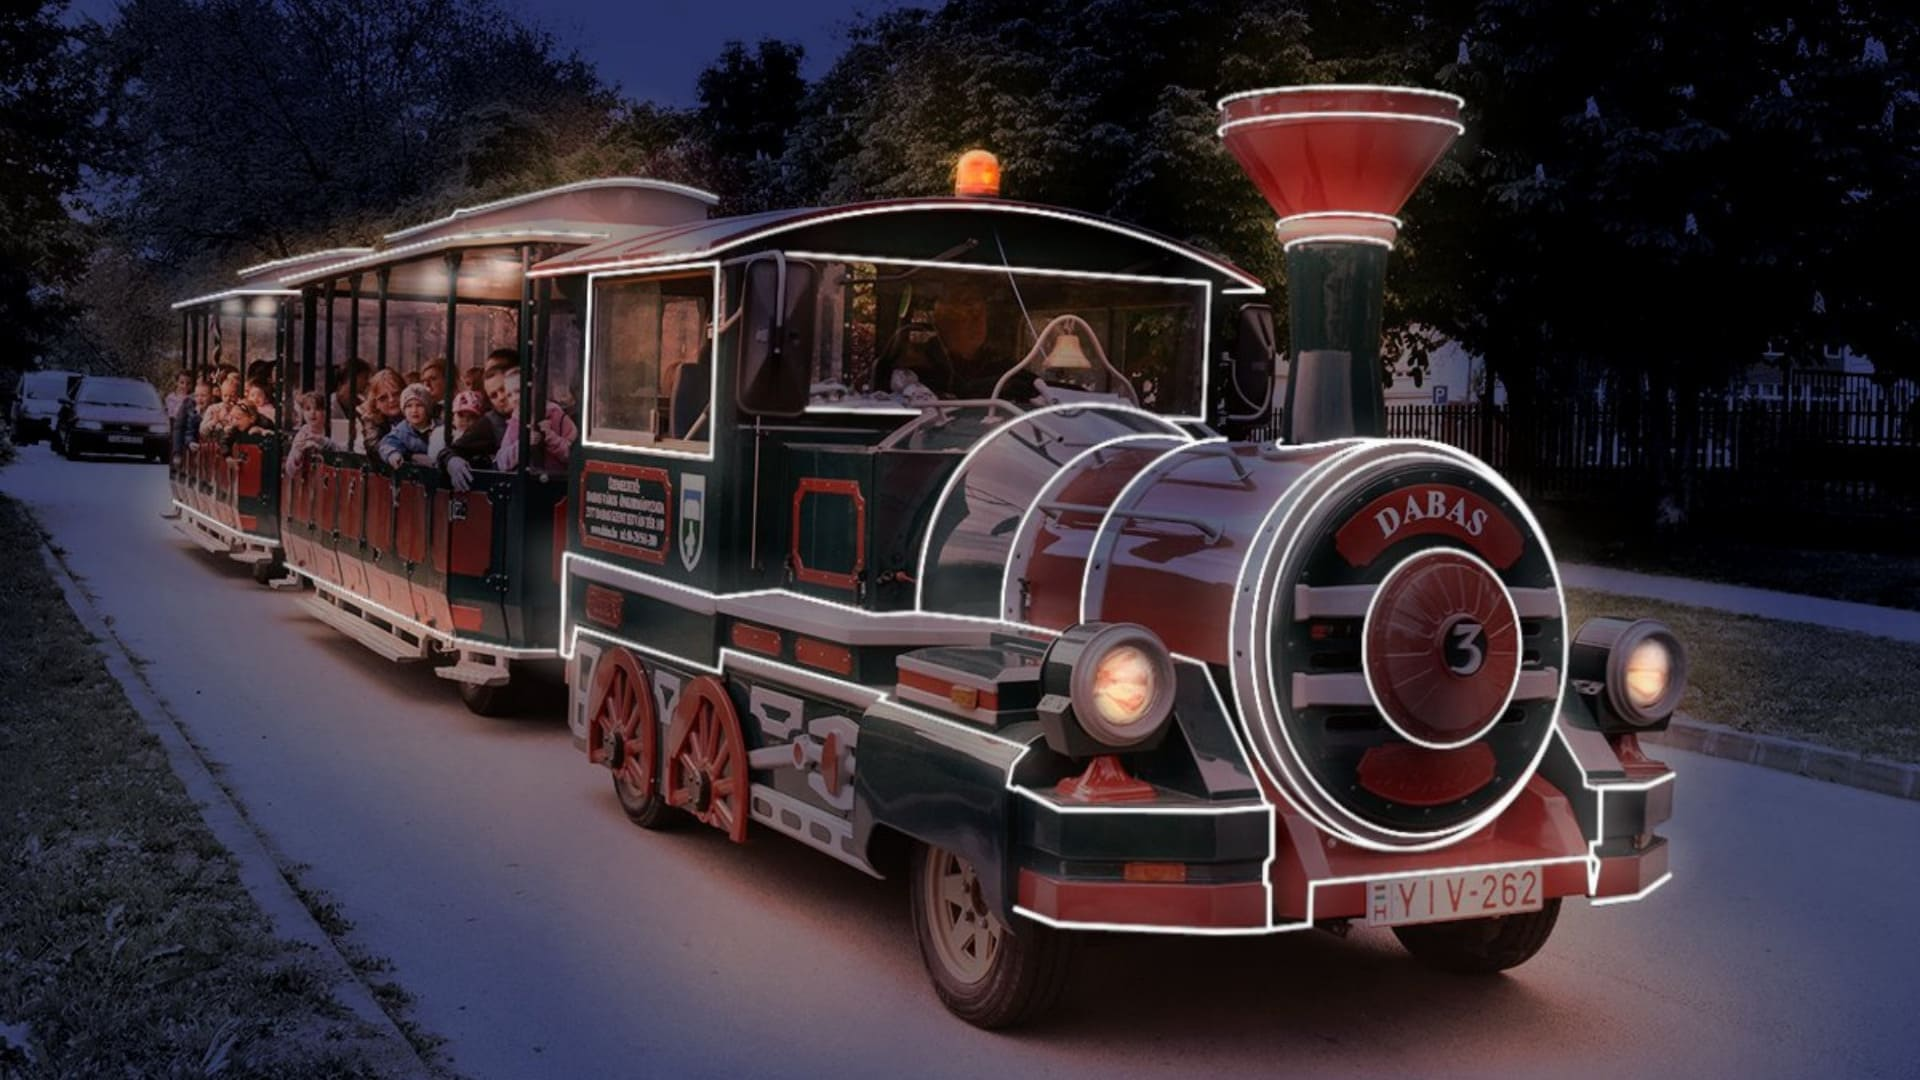 Jármű fénydekoráció Glansya slider